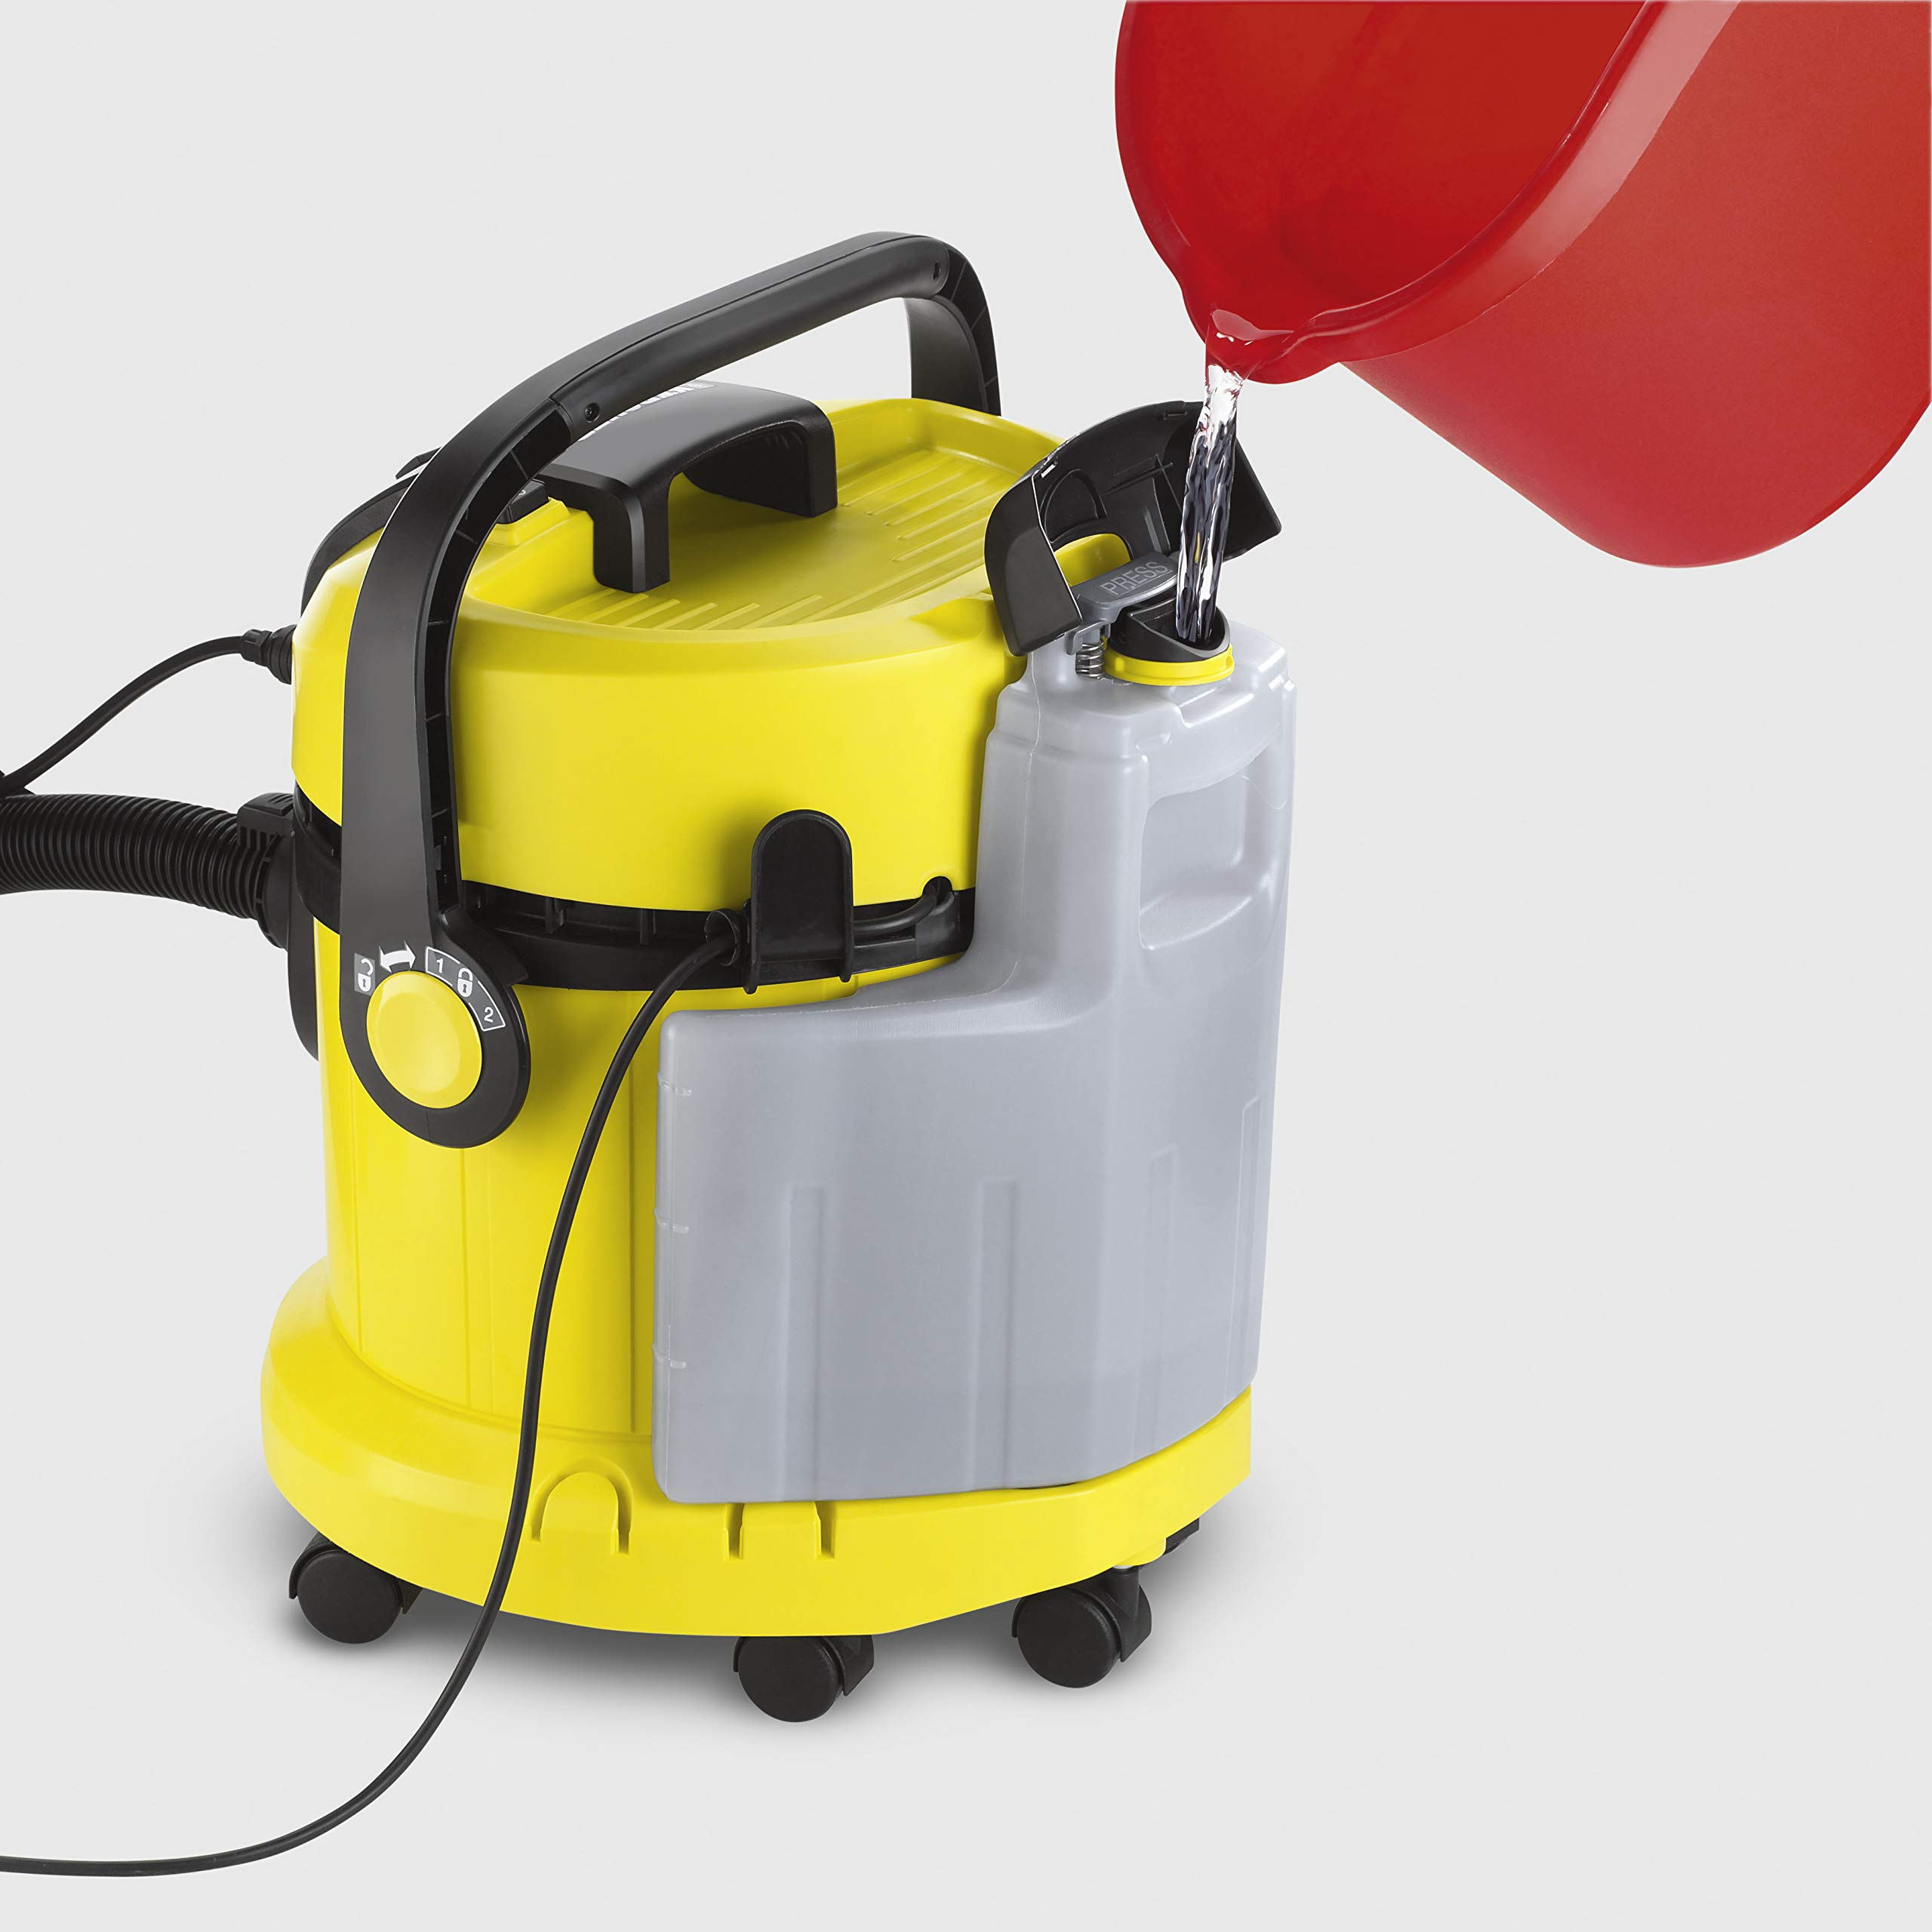 Kärcher SE 4002 - Lava-aspirador, 2 en 1 Pulverización y Aspiración: Amazon.es: Hogar